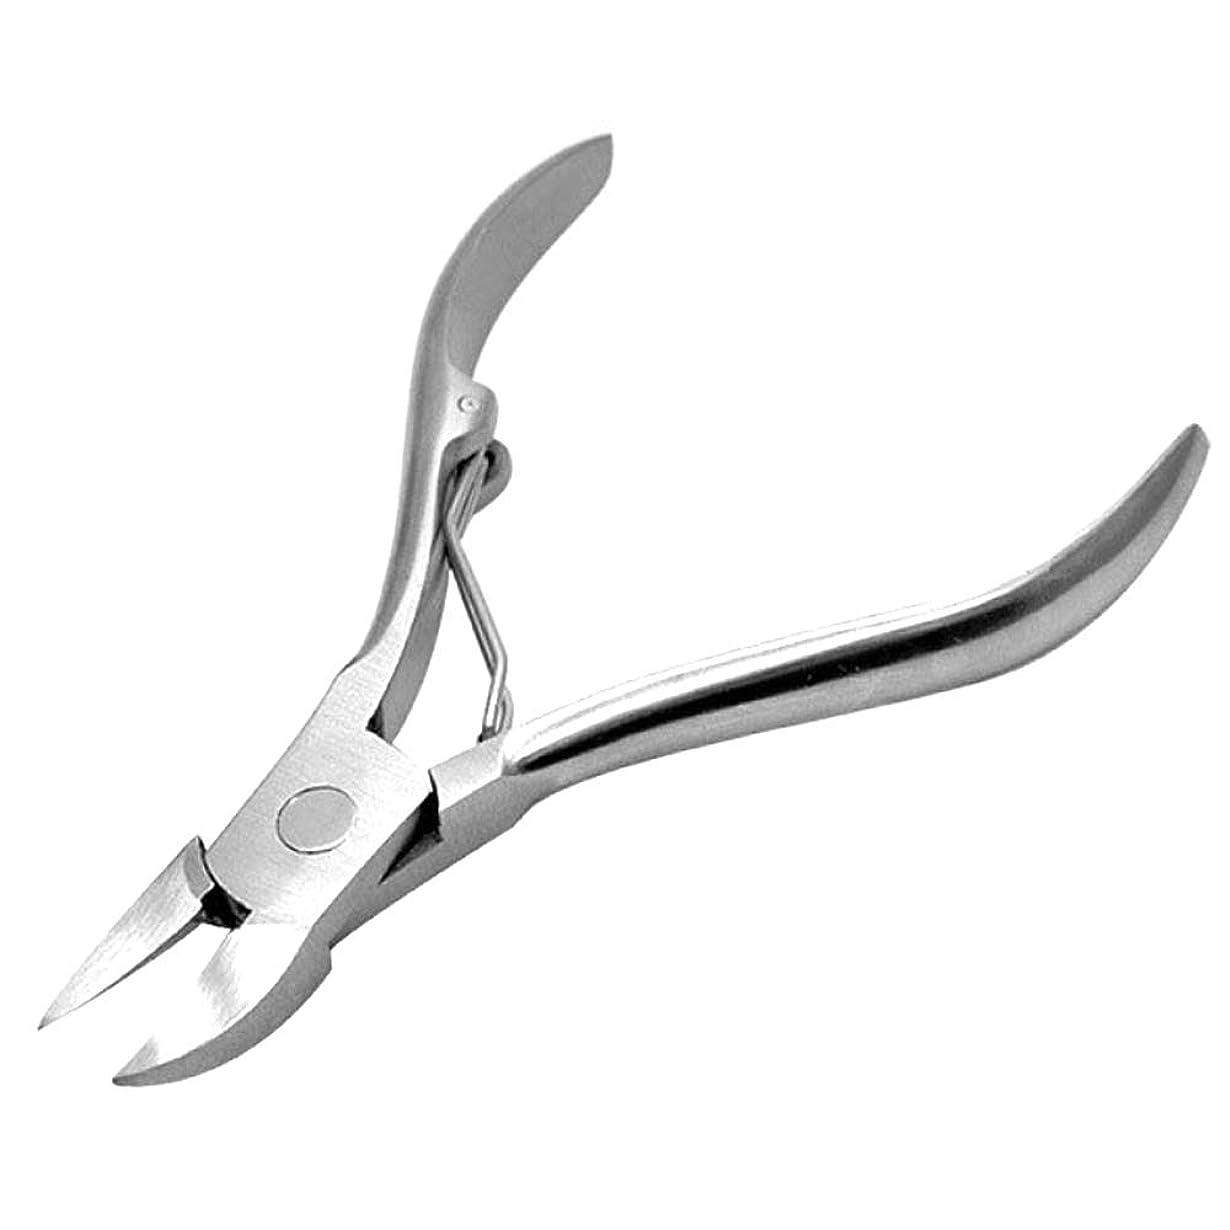 背が高いヨーグルト式耐性爪爪をトリミングする自己管理整理機削りニッパー